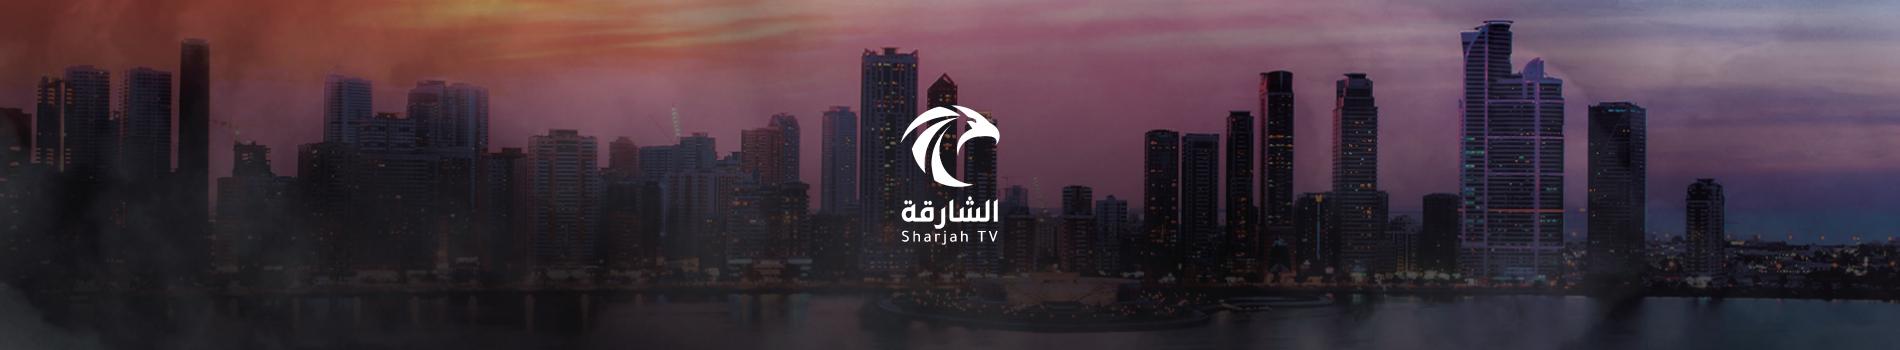 المسلسل العربي ولاد سلطان